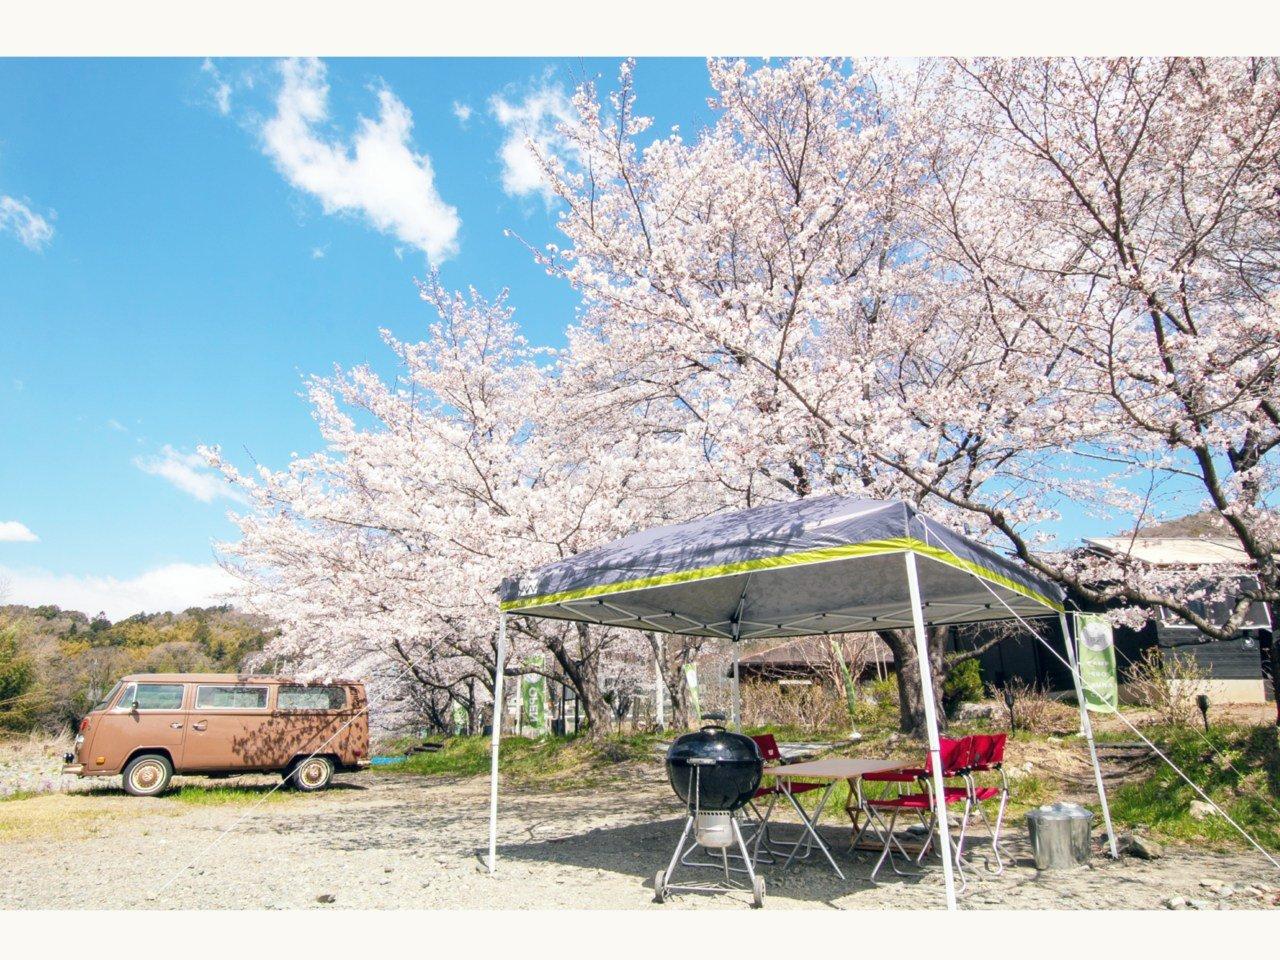 安心安全なお花見を。桜の木を一本貸し切るプライベートお花見エリア予約開始。